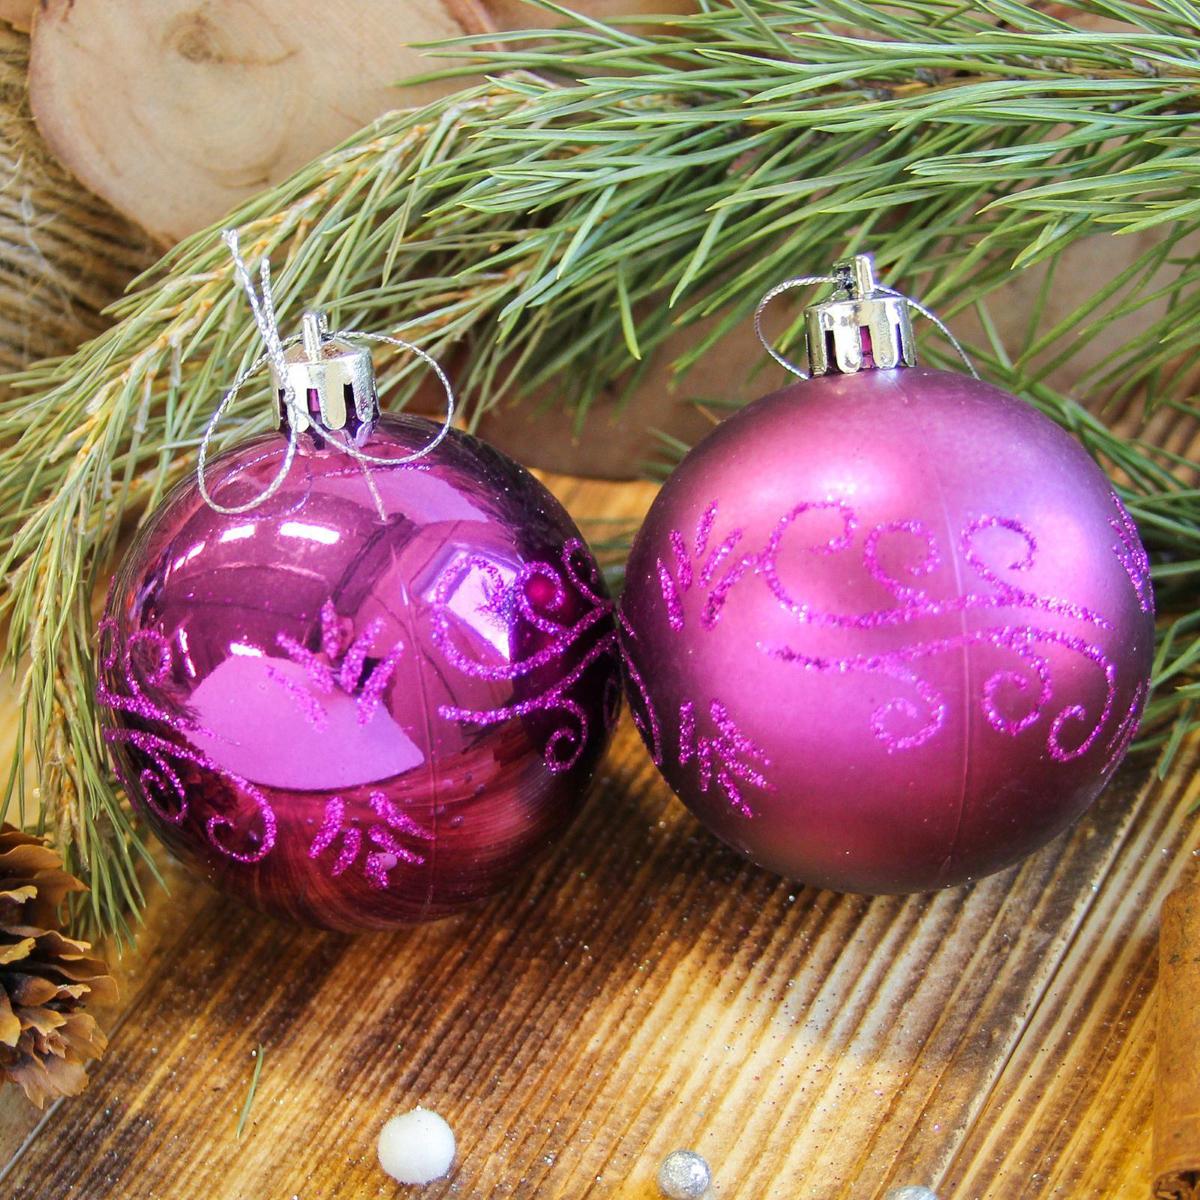 Набор новогодних подвесных украшений Sima-land Цветущая ветвь, цвет: фиолетовый, диаметр 6 см, 8 шт2122529Набор новогодних подвесных украшений Sima-land отлично подойдет для декорации вашего дома и новогодней ели. С помощью специальной петельки украшение можно повесить в любом понравившемся вам месте. Но, конечно, удачнее всего оно будет смотреться на праздничной елке. Елочная игрушка - символ Нового года. Она несет в себе волшебство и красоту праздника. Создайте в своем доме атмосферу веселья и радости, украшая новогоднюю елку нарядными игрушками, которые будут из года в год накапливать теплоту воспоминаний.